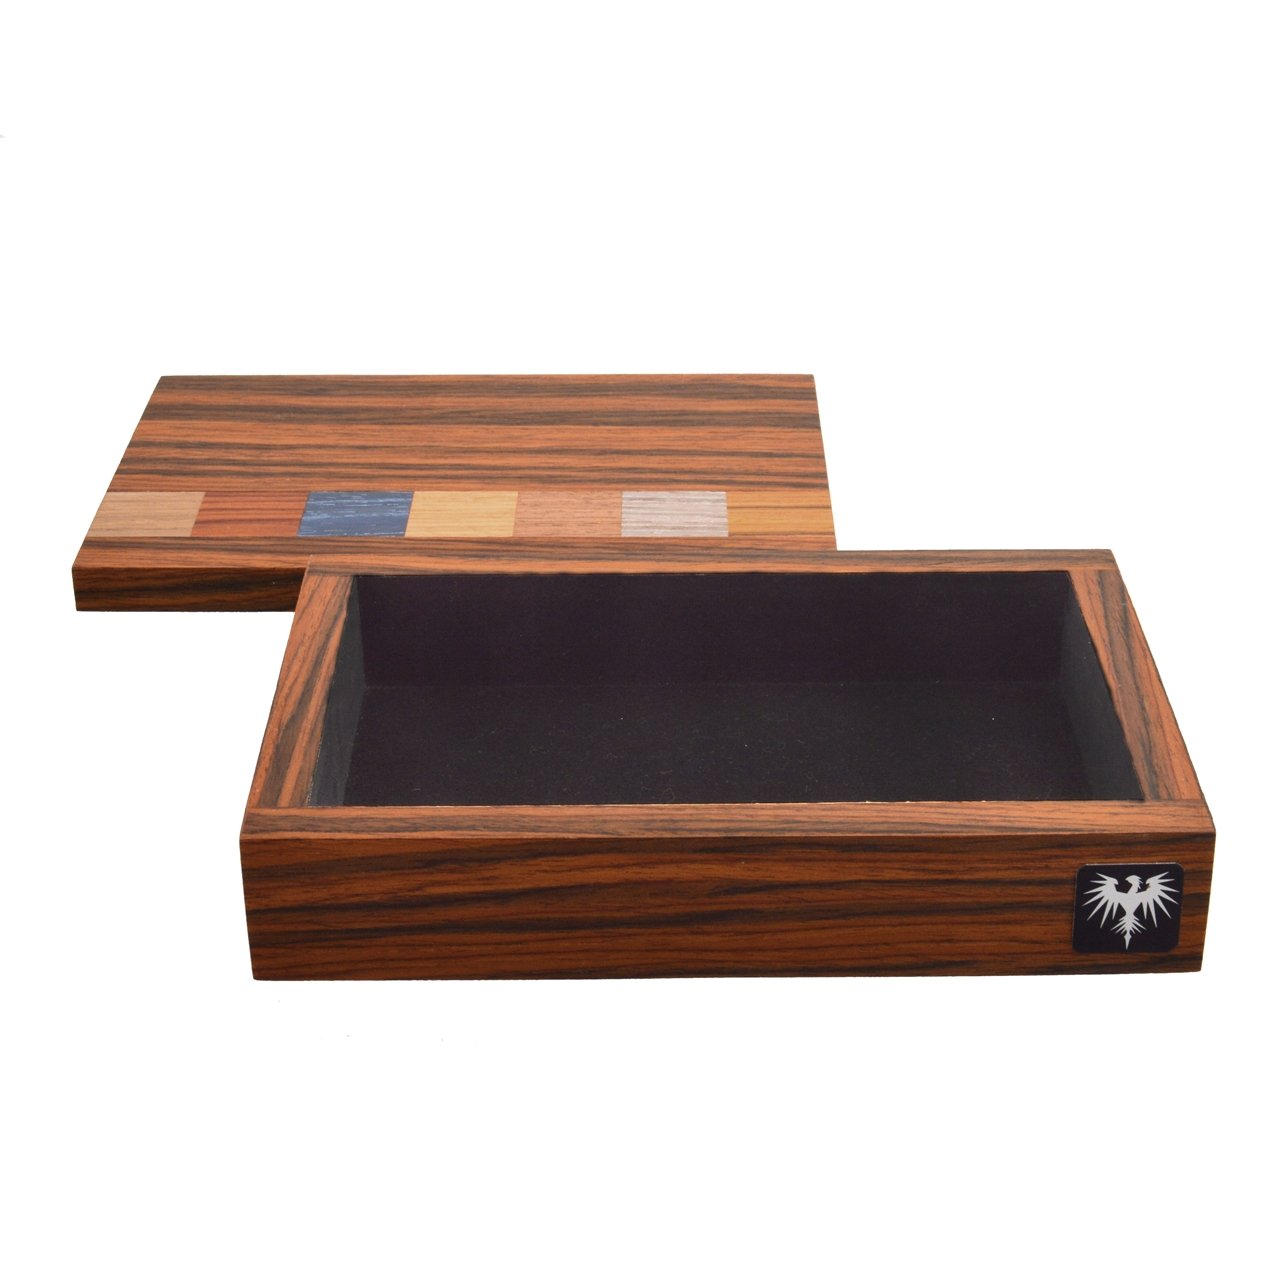 jogo-de-domino-estojo-havana-madeira-marchetado-ref-01-imagem-5.jpg